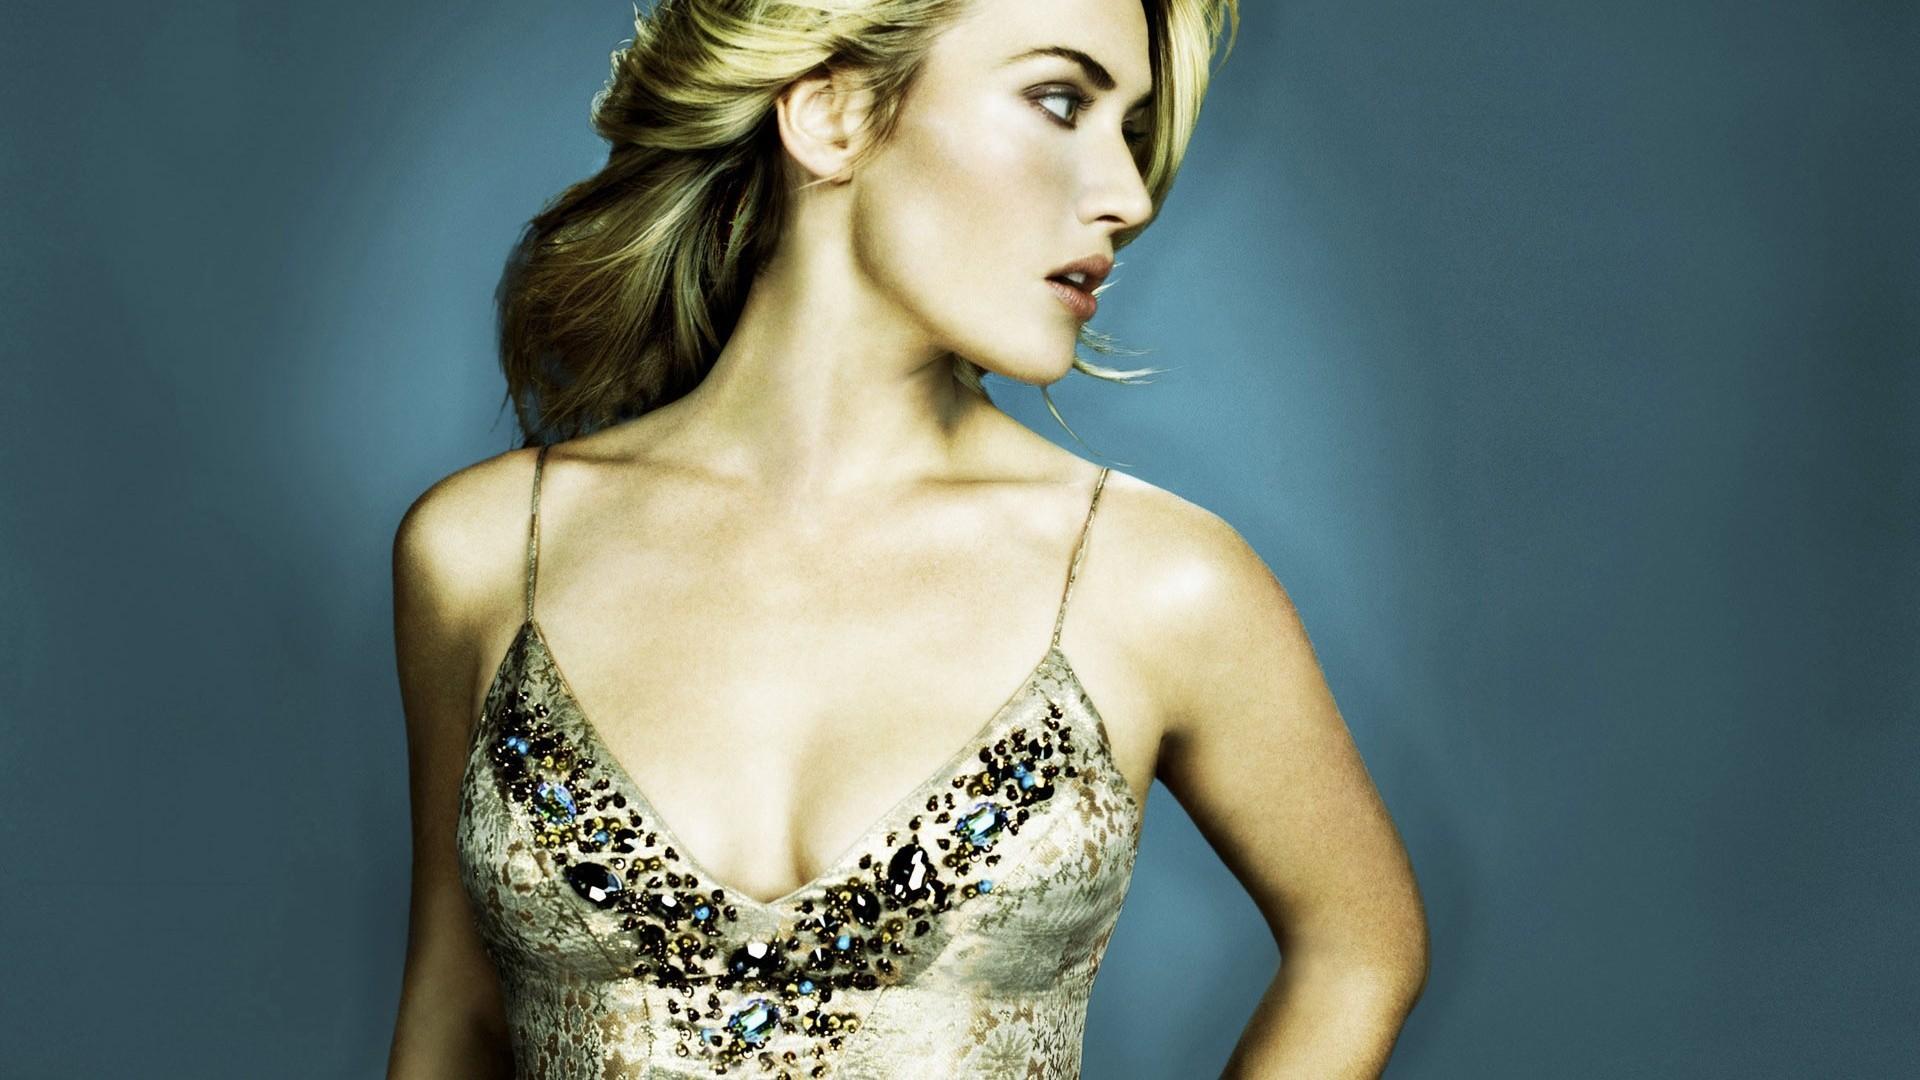 … Kate Winslet Wallpaper …